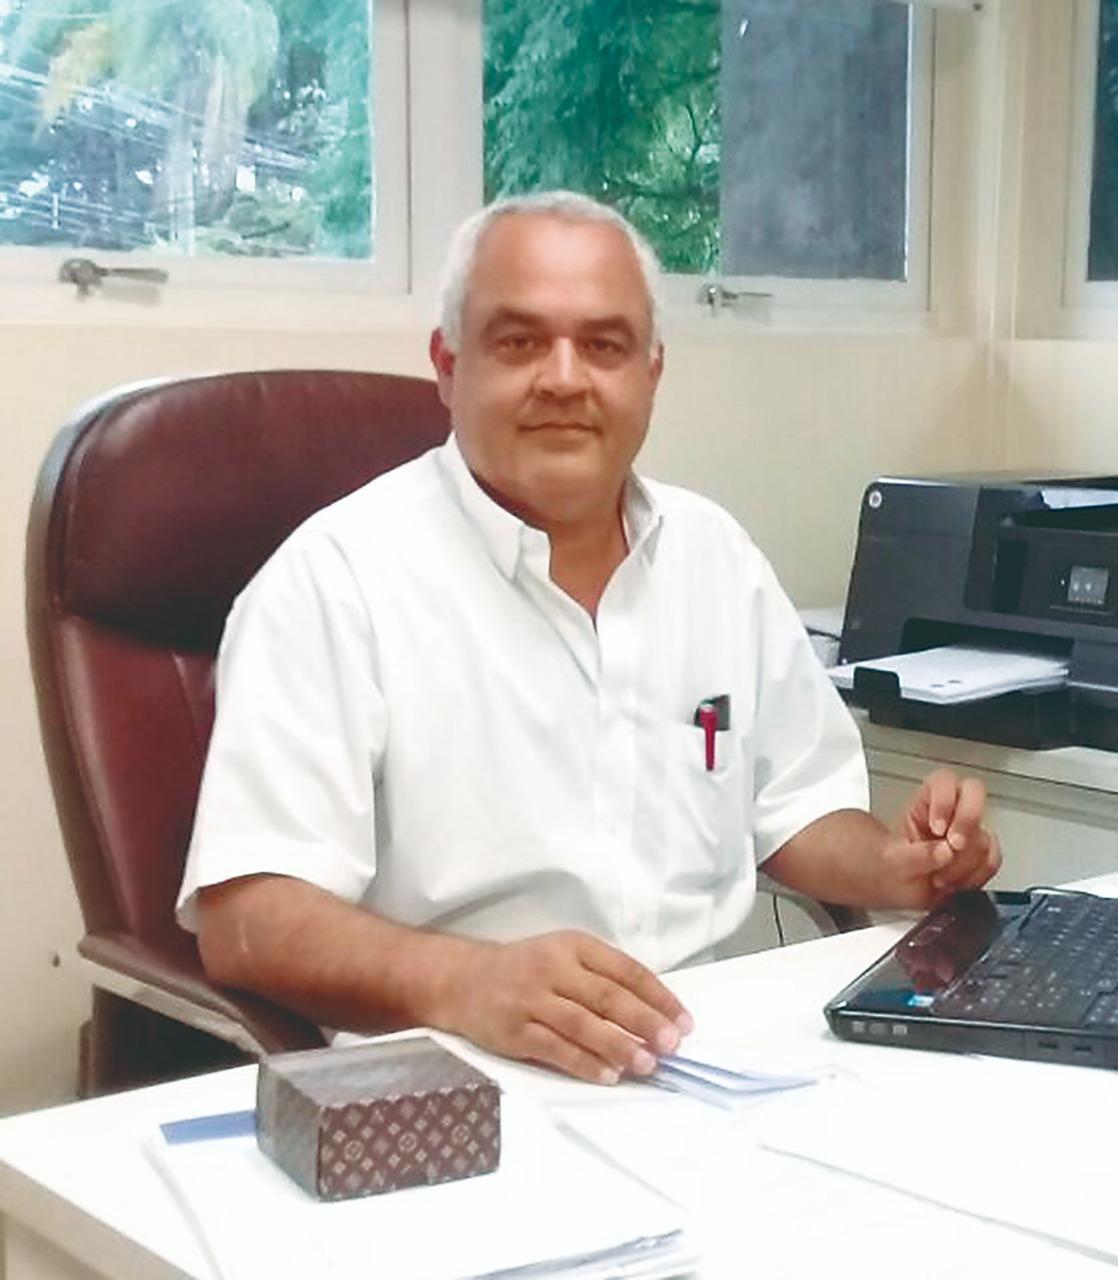 Dr. Rubens Pereira dos Santos